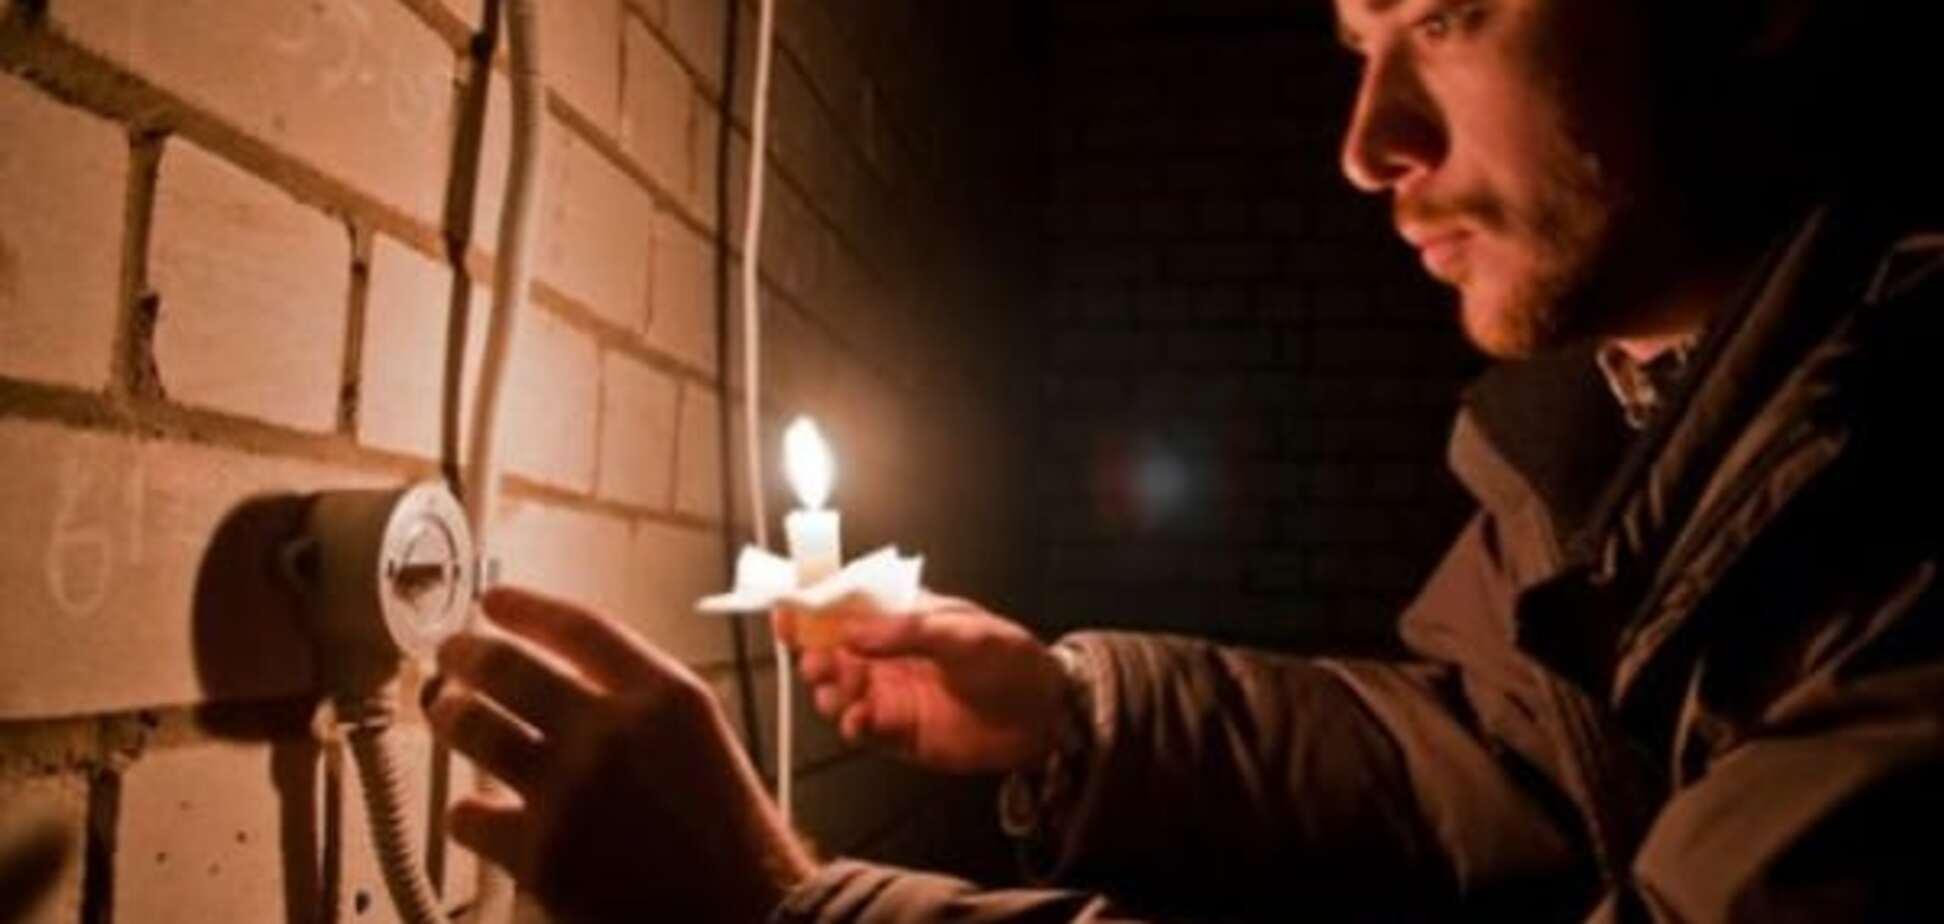 Керч у темряві: у місті вишикувалися черги за свічками і хлібом